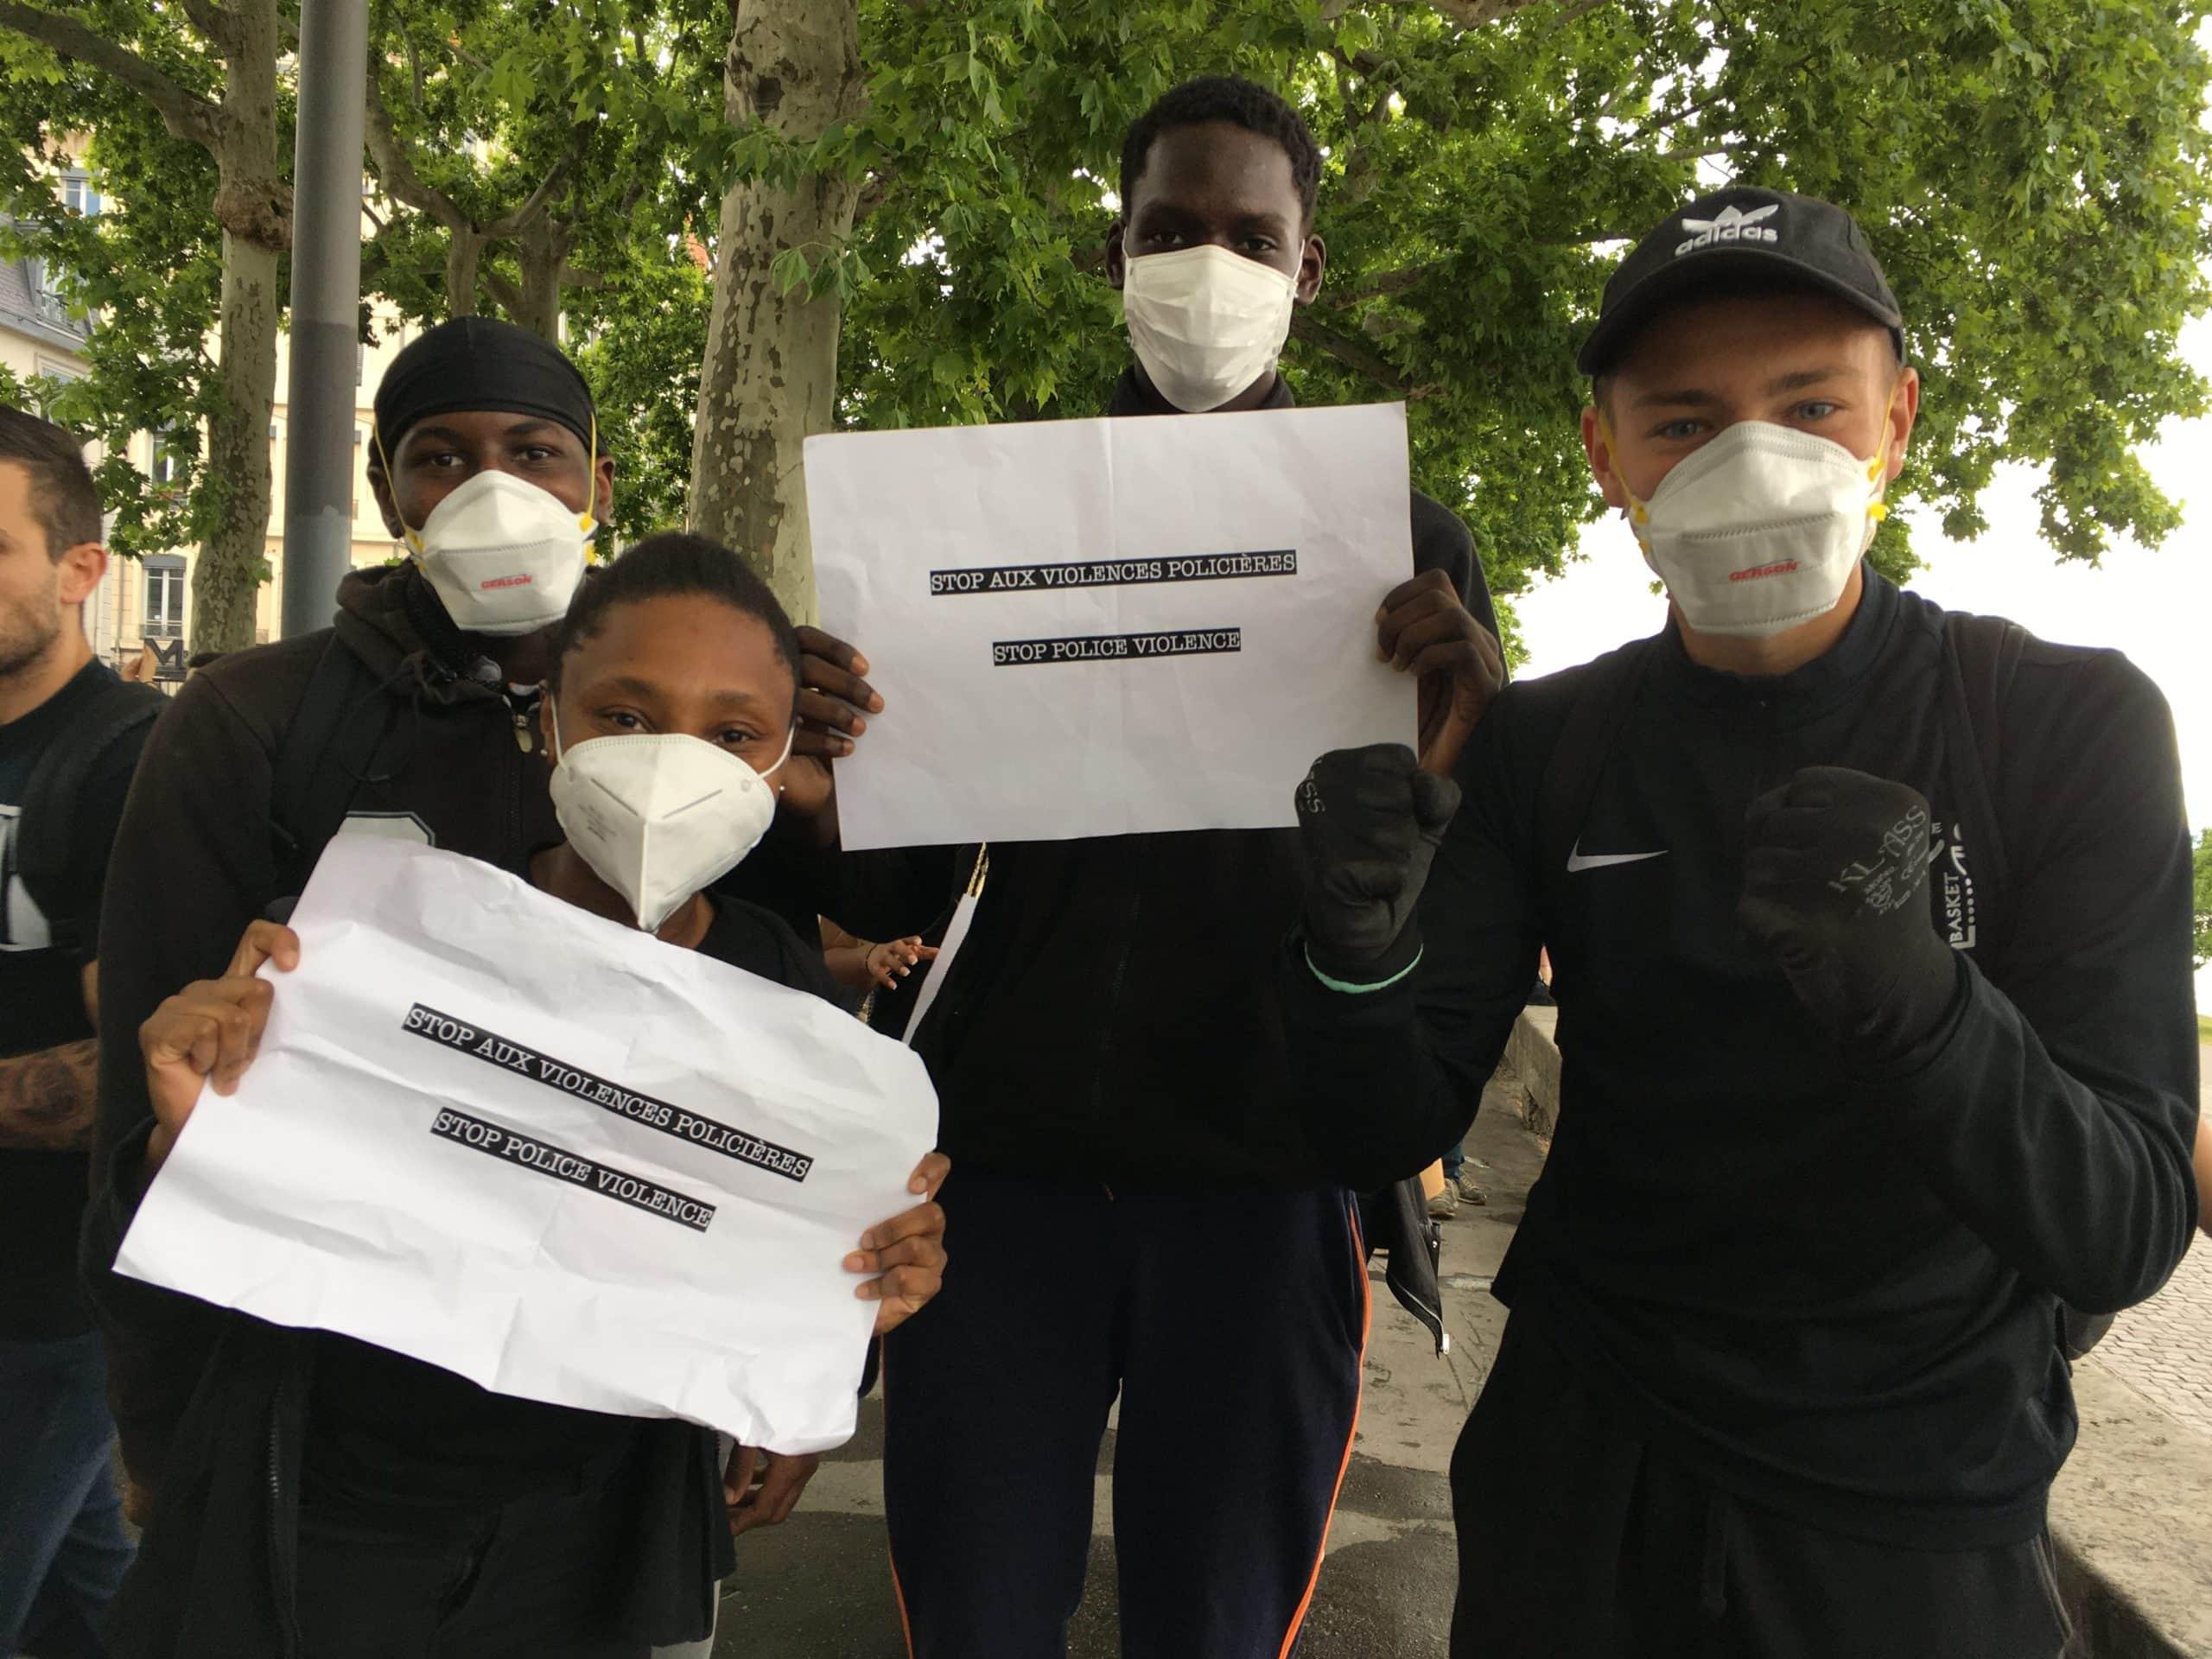 Djabarati et ses amis, vêtus de noir pour rendre hommage aux victimes des violences policières. ©AB/Rue89Lyon